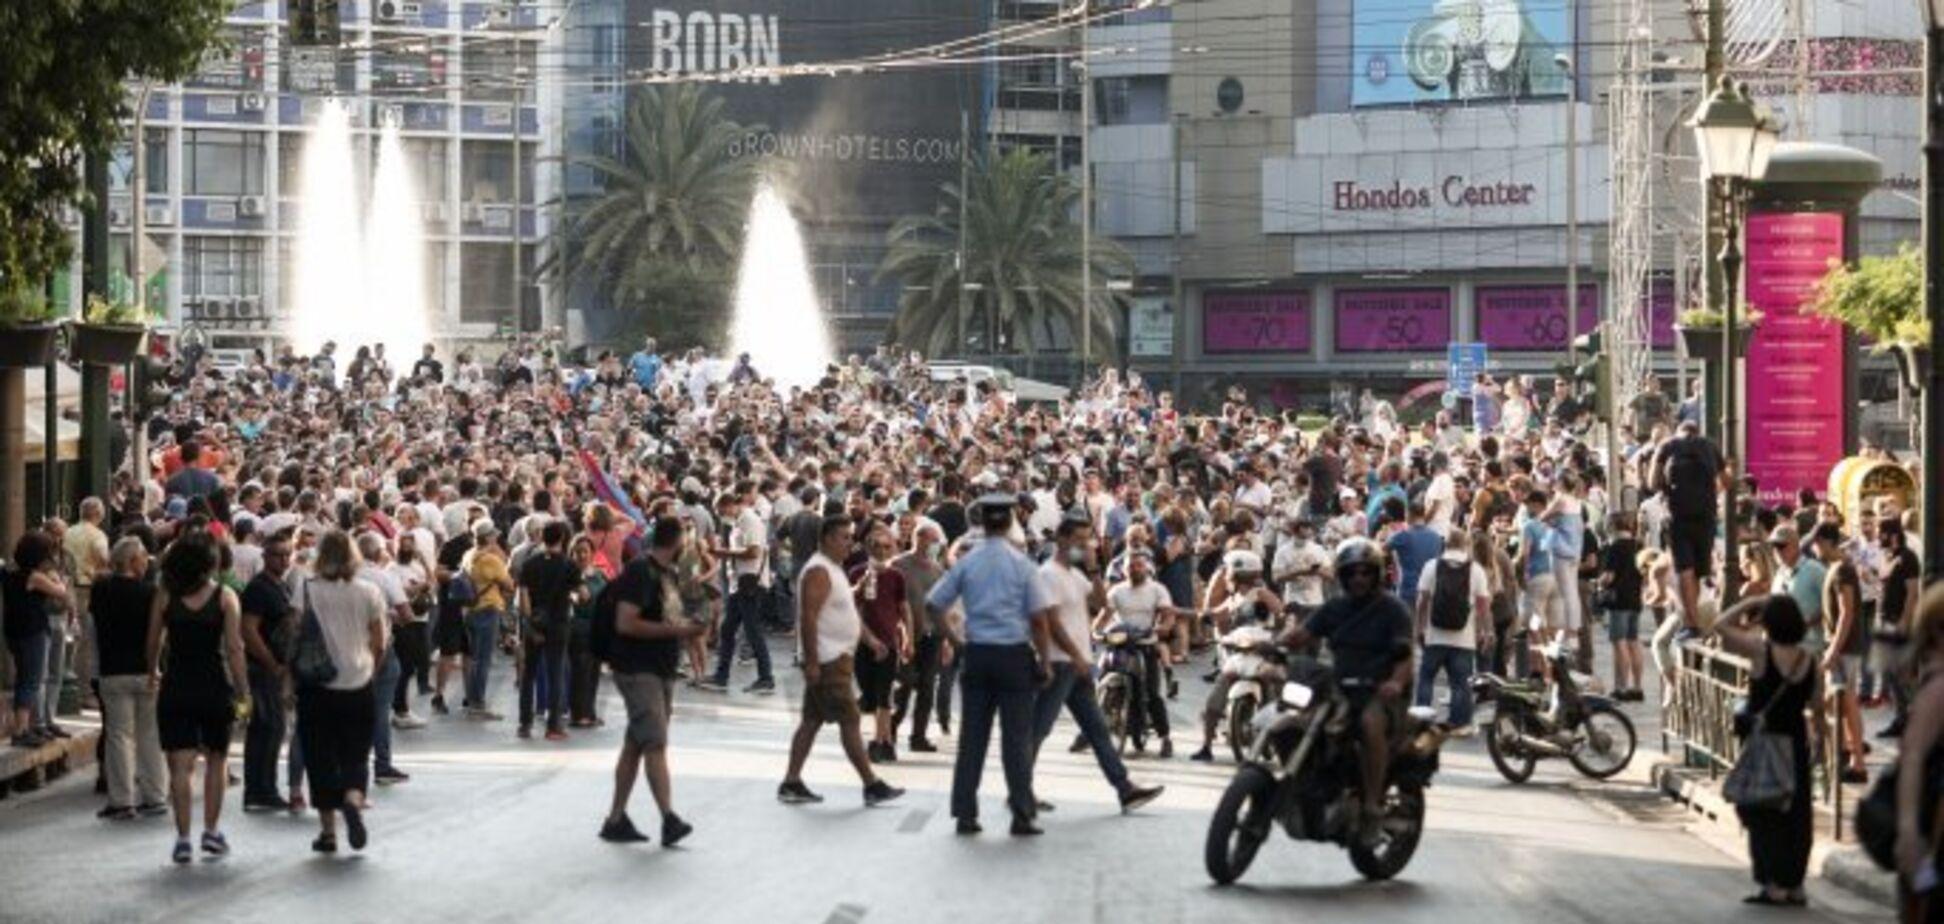 Протести в Афінах (Греція)